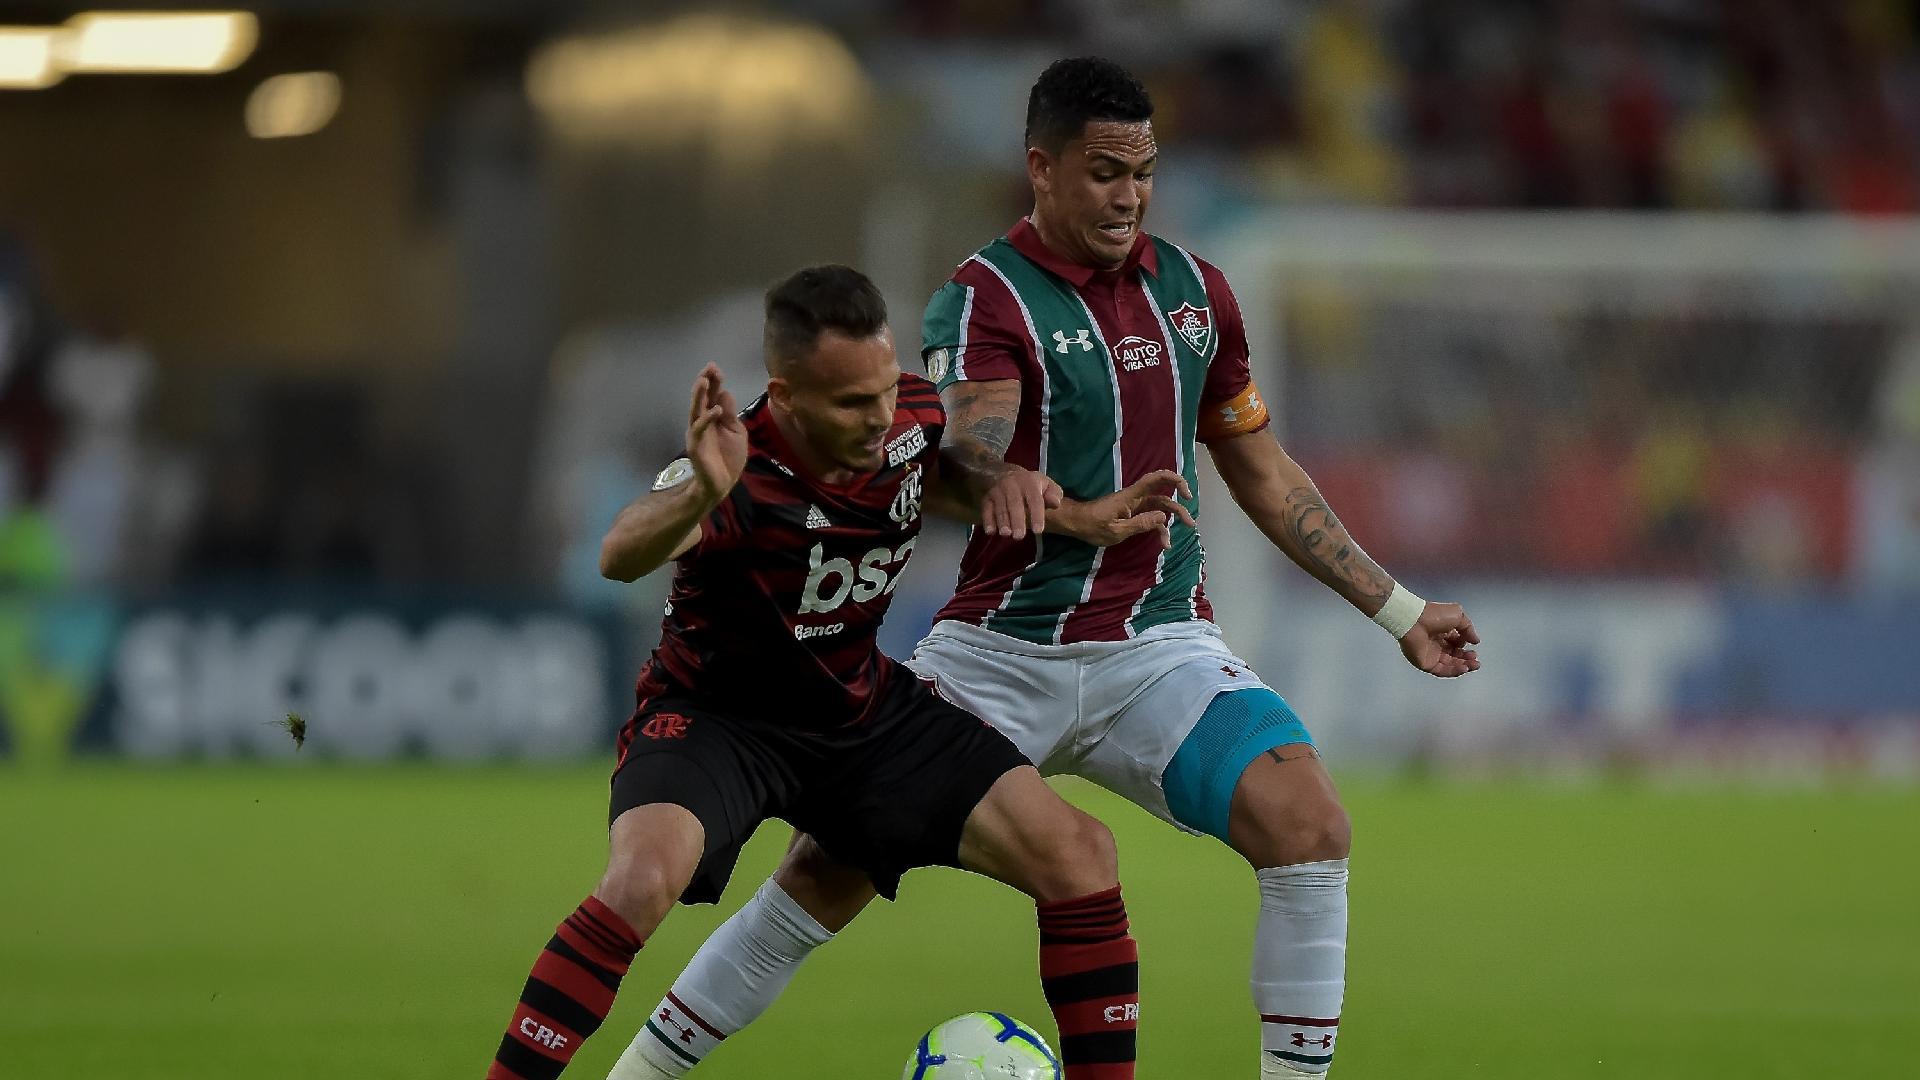 Luciano, do Fluminense, disputa bola com Renê, do Flamengo